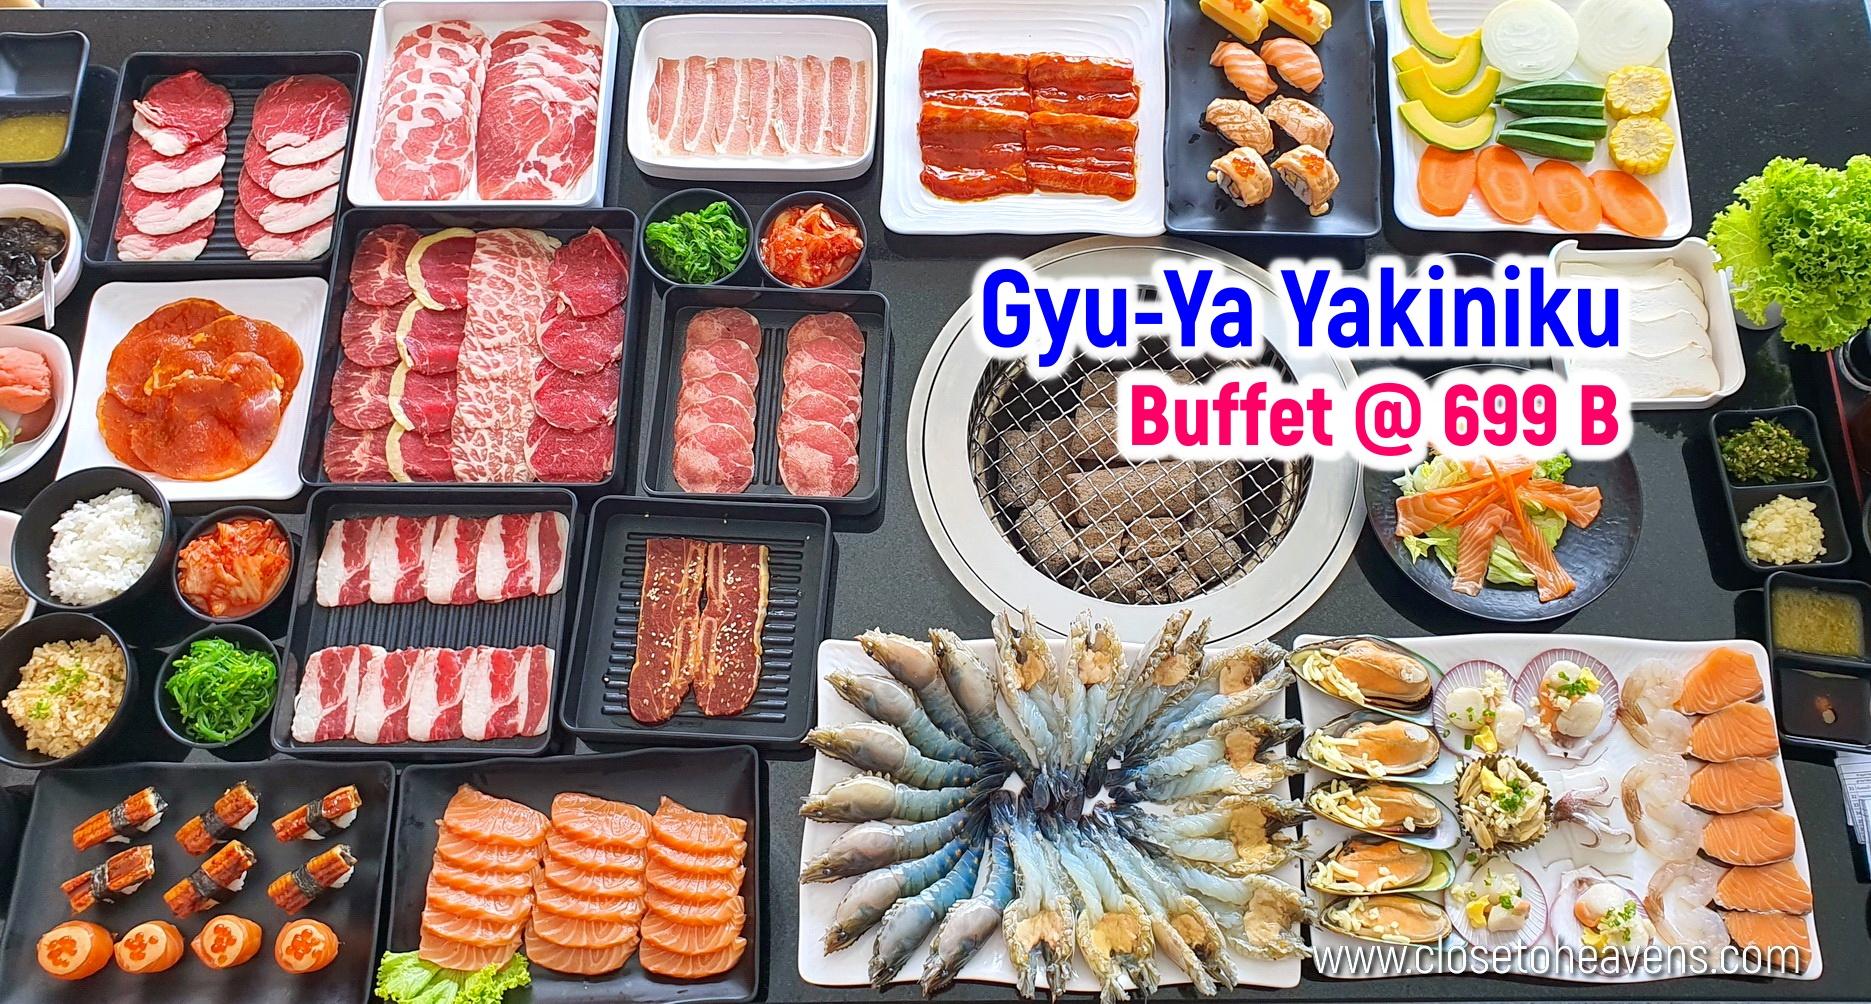 Gyu-Ya Yakiniku บุฟเฟ่ต์เนื้อย่าง กุ้งแม่น้ำ สไตล์ญี่ปุ่น